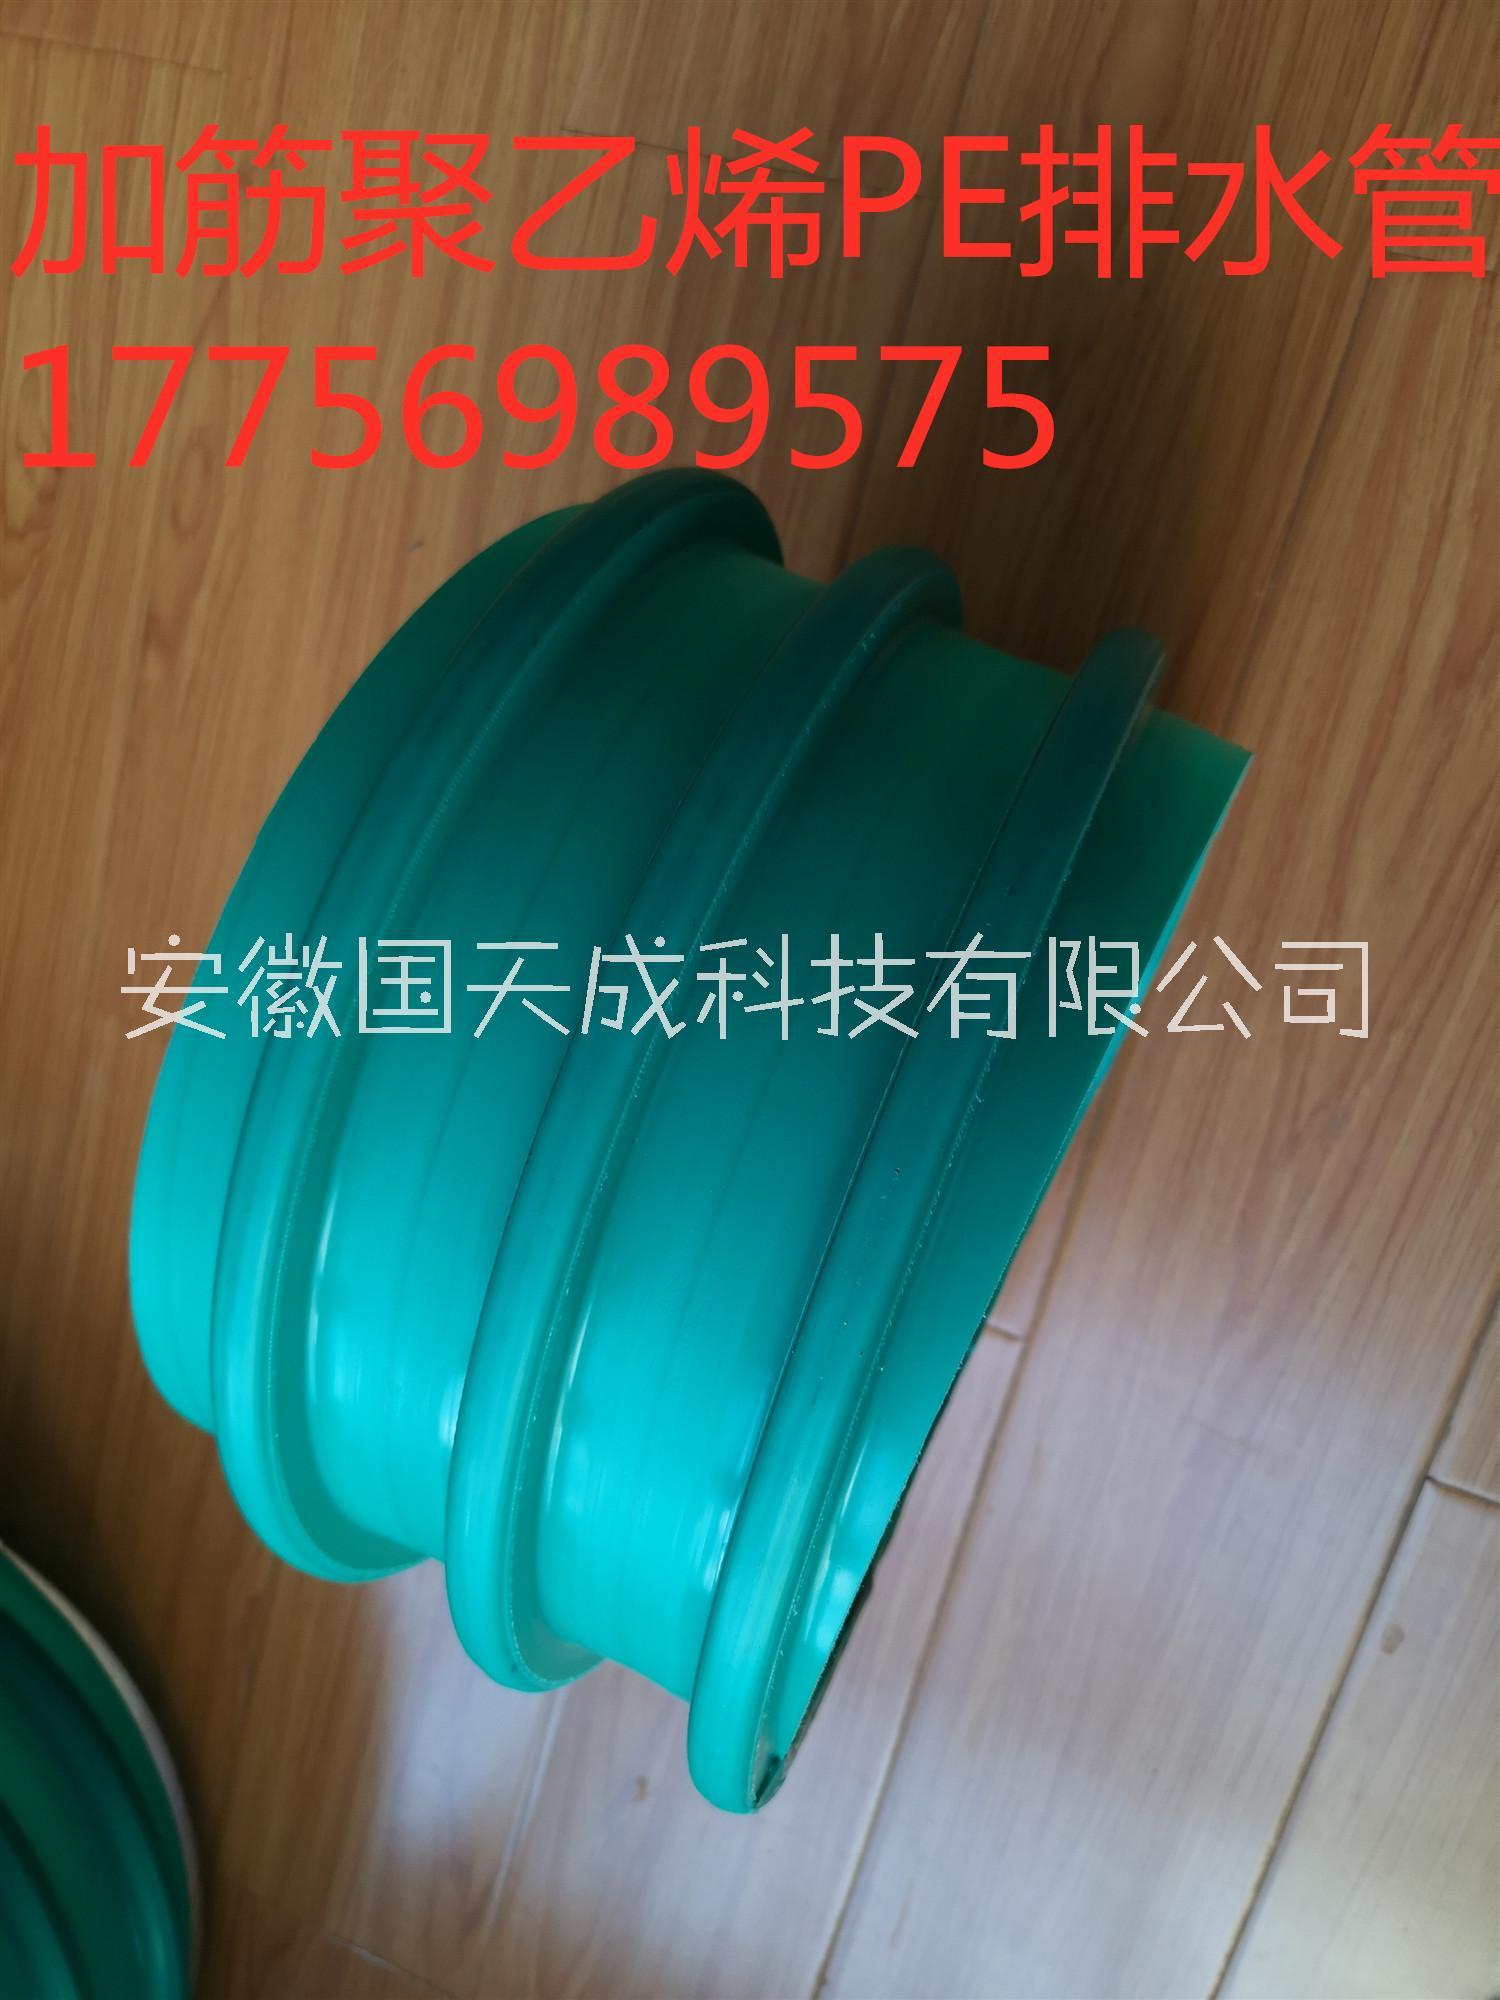 江西加筋聚乙烯PE排水管